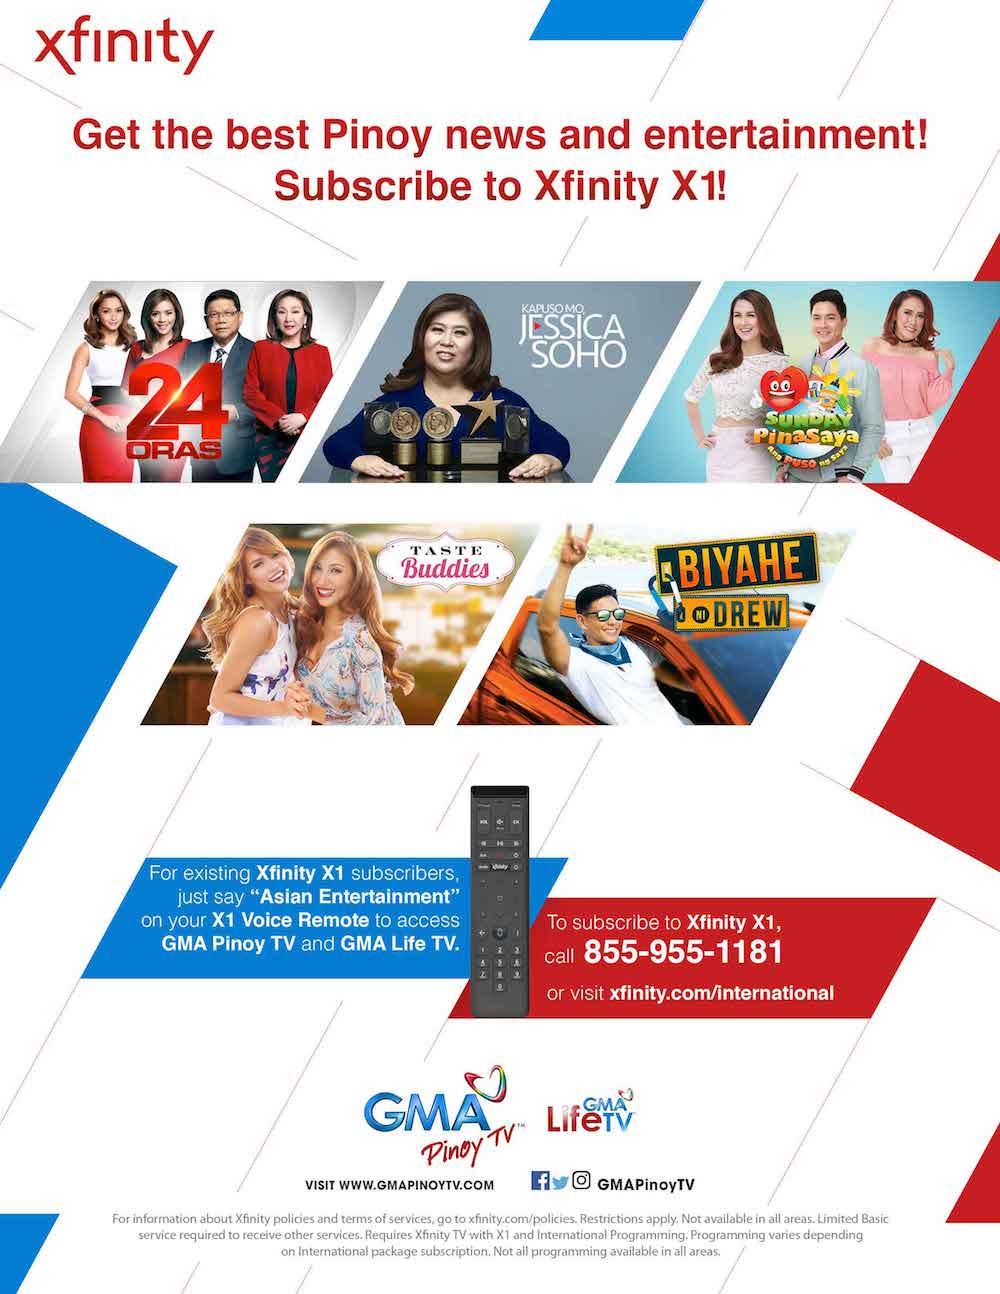 GMA Pinoy TV, GMA Life TV now on Xfinity X1   News and